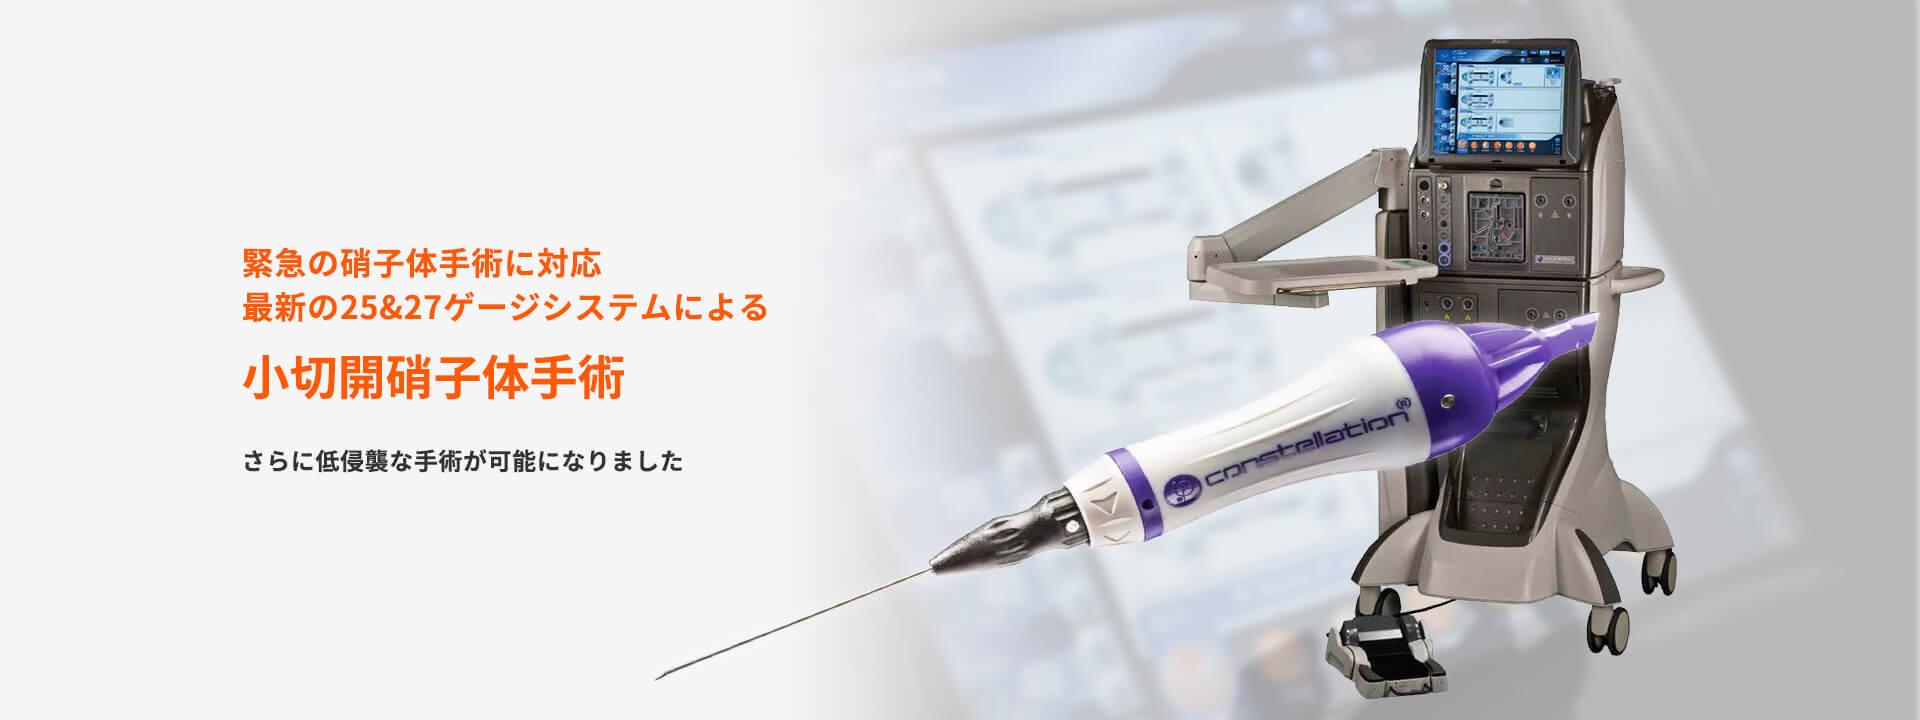 緊急の硝子体手術に対応 最新の25&27ゲージシステムによる 小切開硝子体手術さらに低侵襲な手術が可能になりました